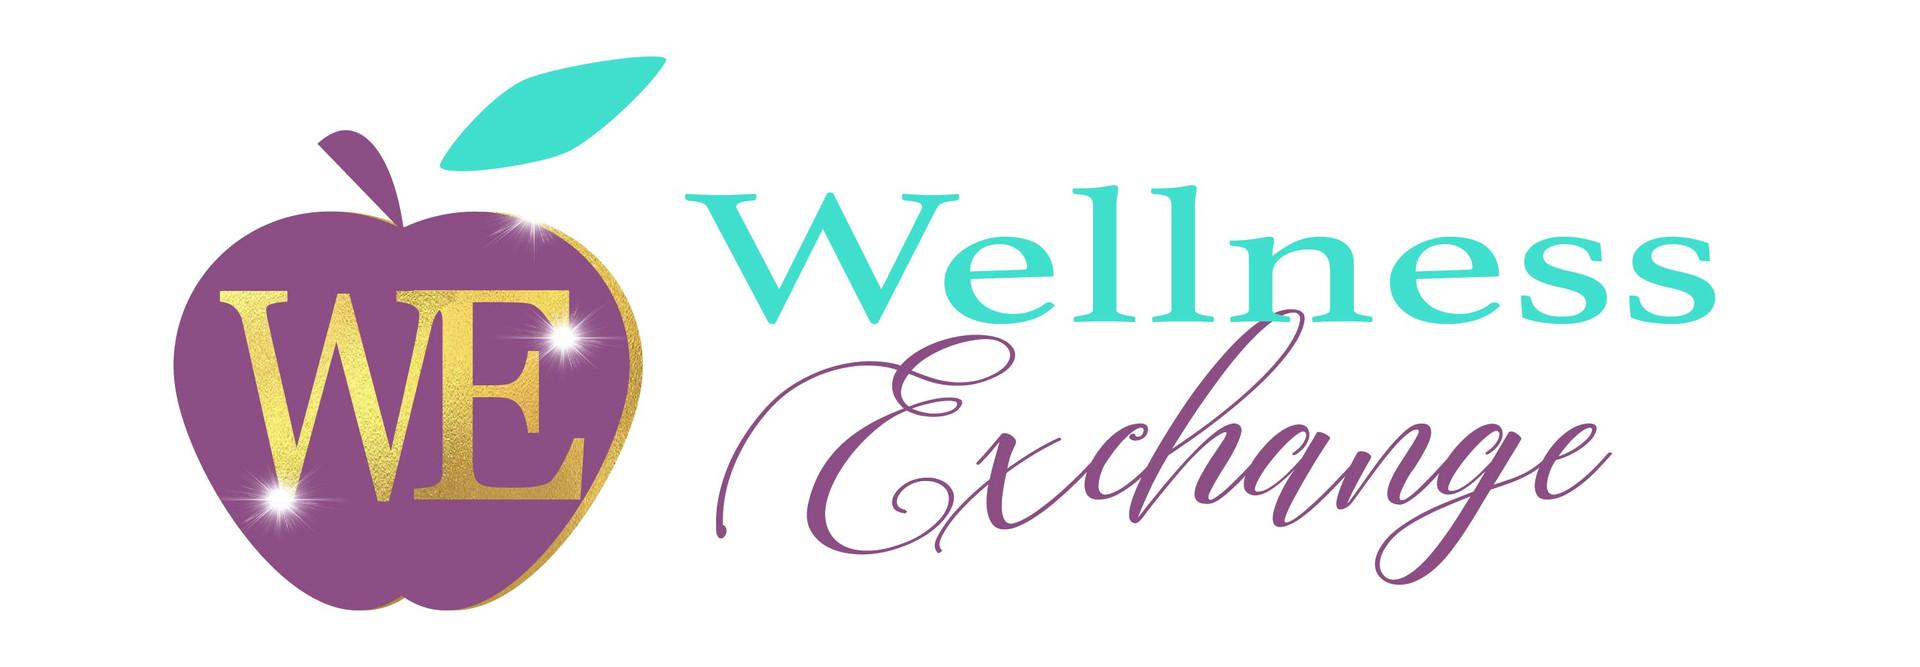 Wellness ExchangeLogo-02.jpg